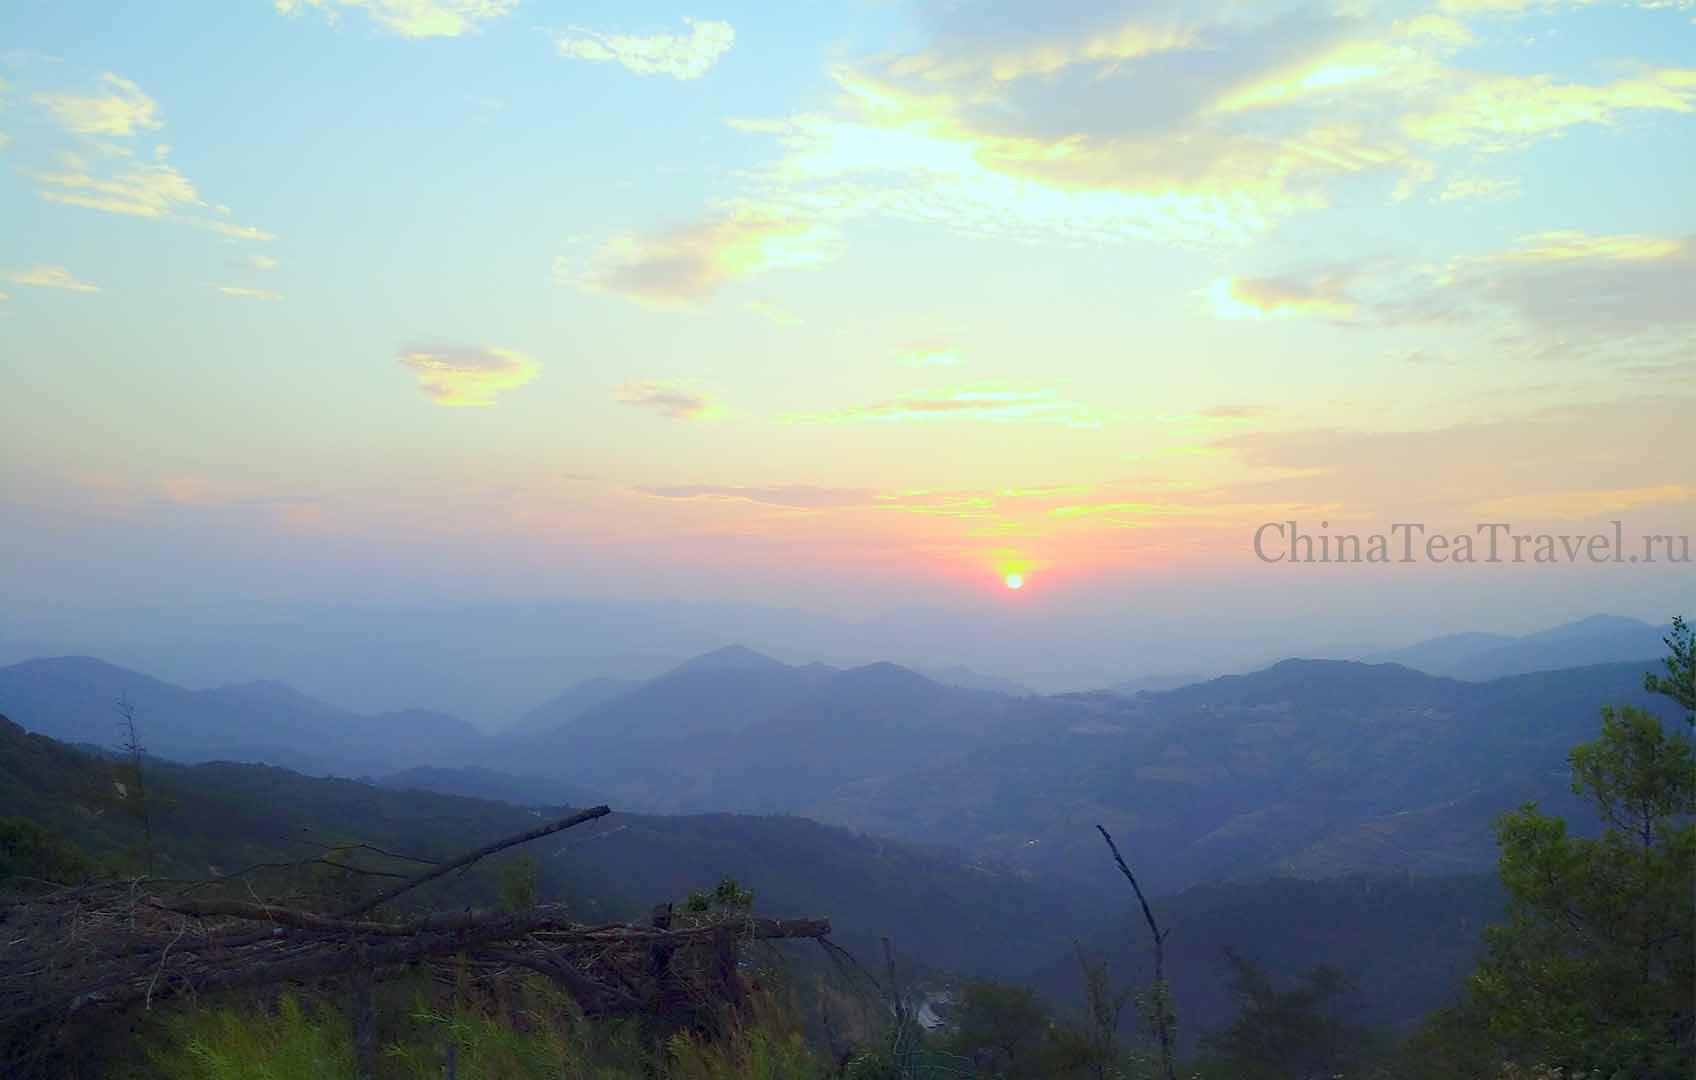 5 Красный дикий горький чай «Огненный егерь». Ye Sheng Da Shu Ku Hong Cha '19 Spr. Wild tea tree&bushes 100 y.o.